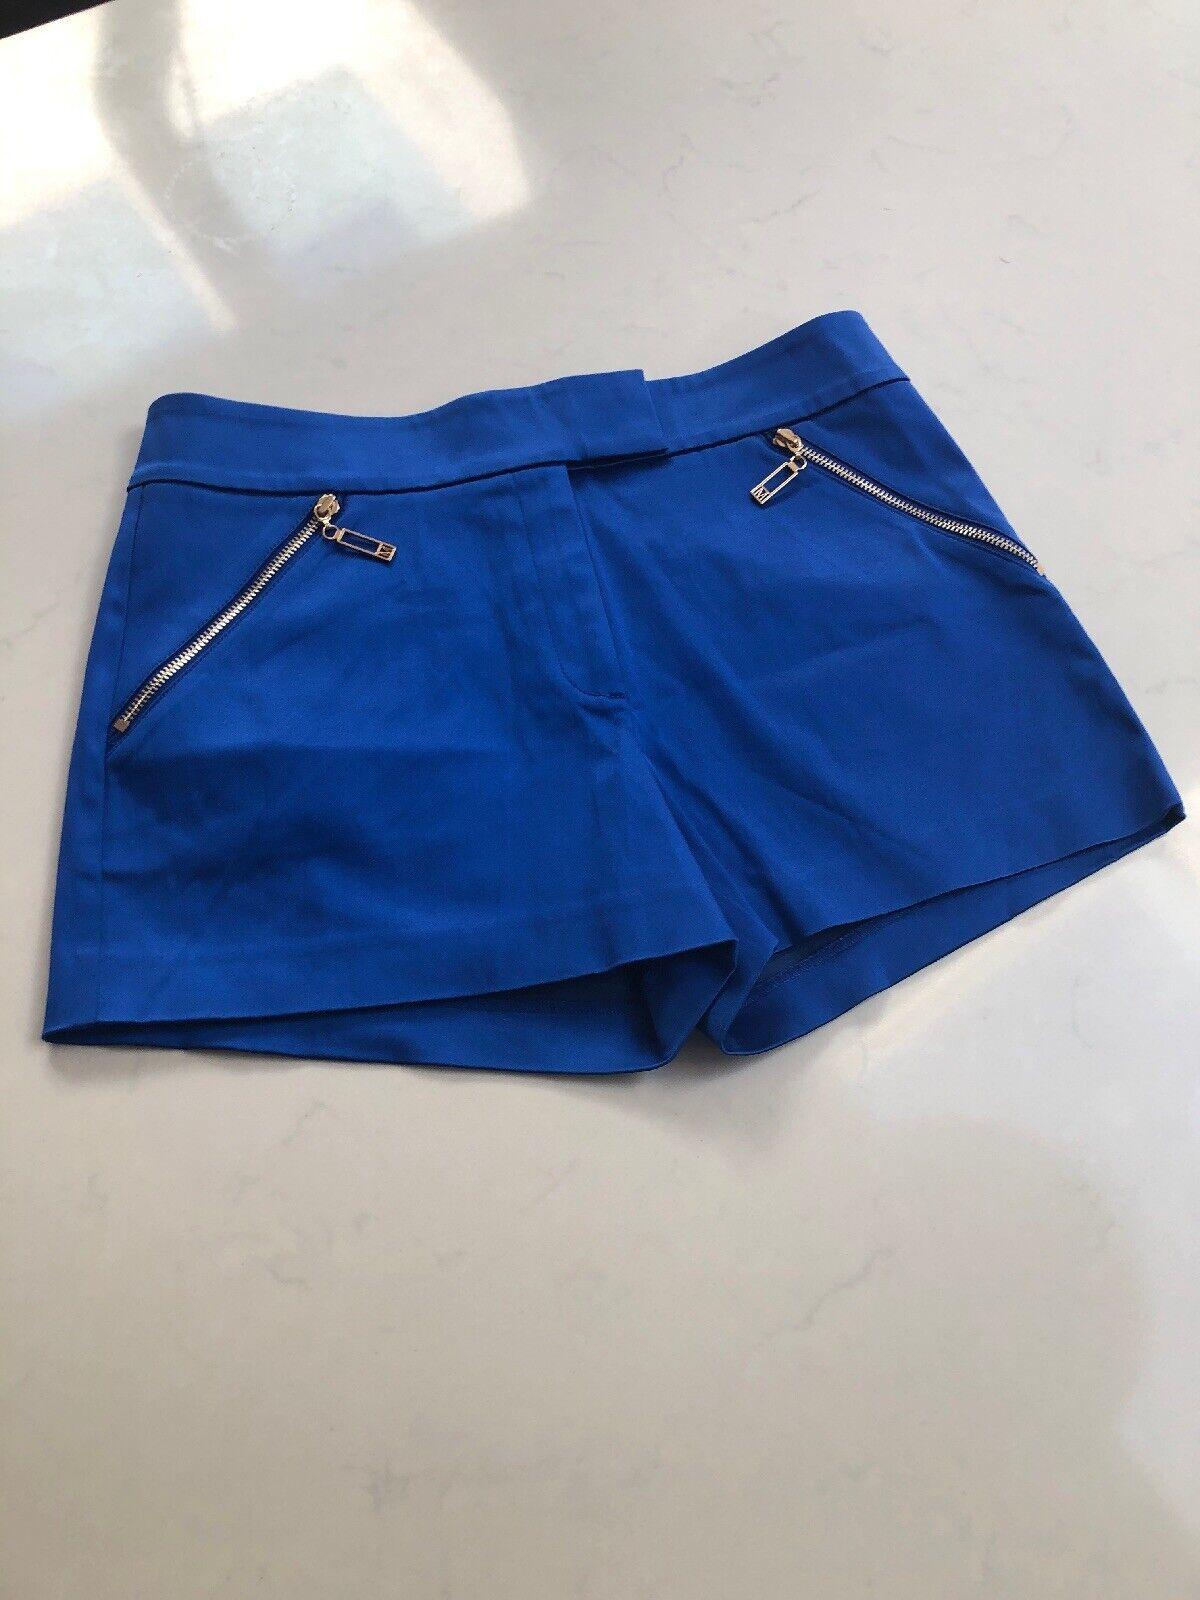 Marciano bluee Silk  Women Shorts  Size 10